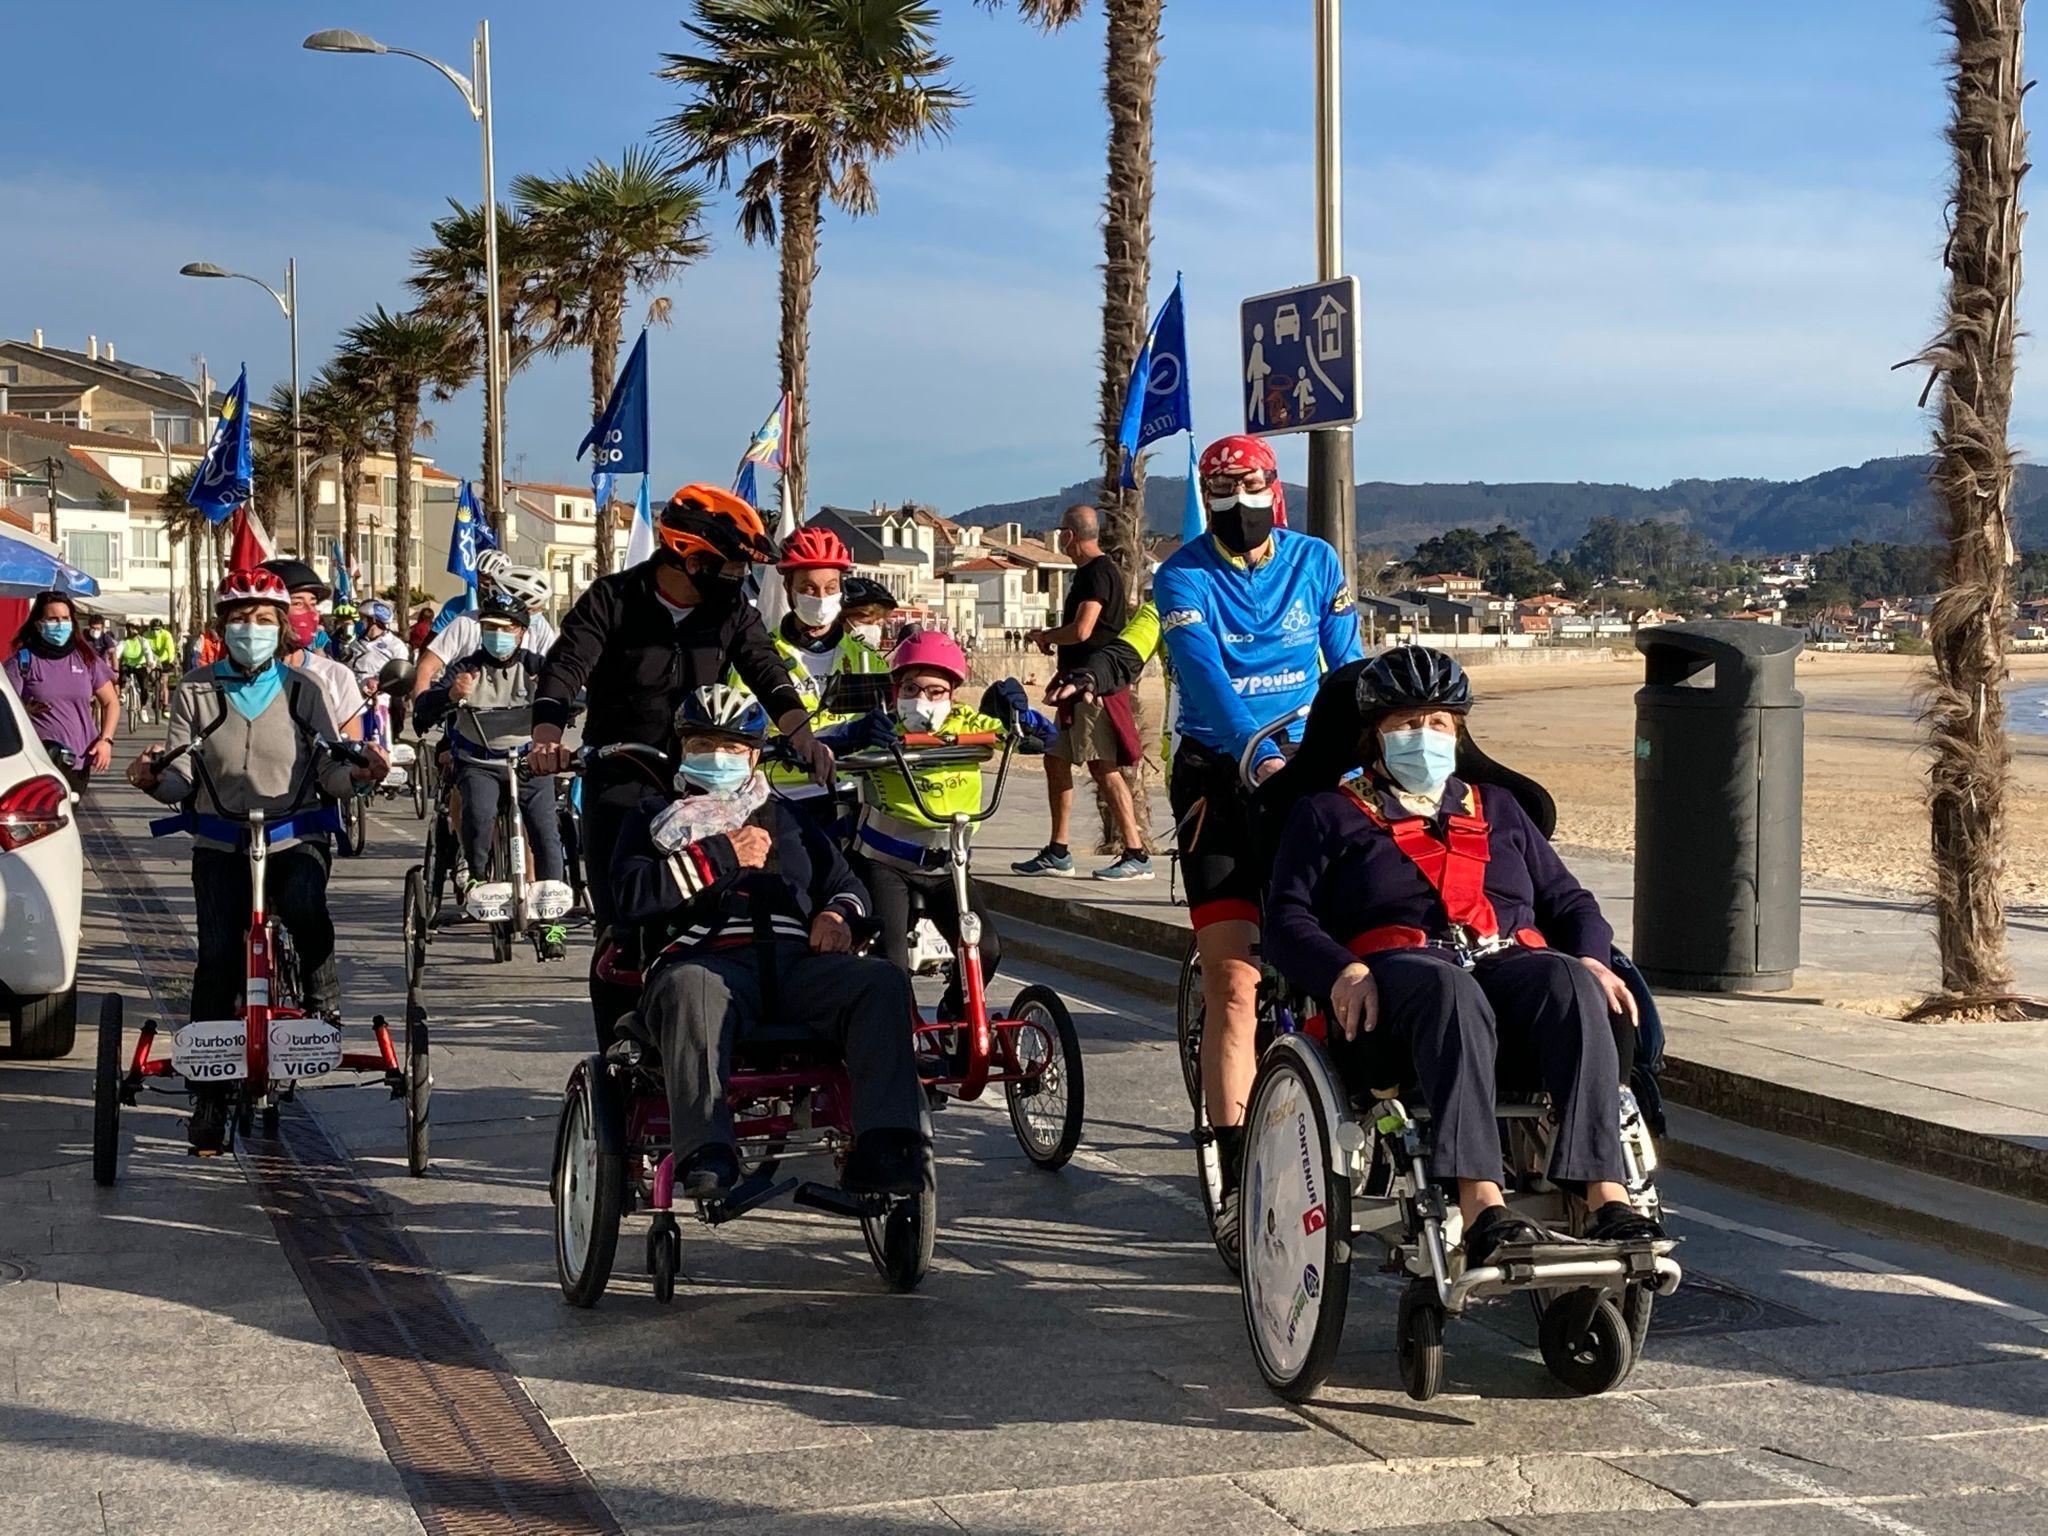 Nigrán e Discamino ofrecen un paseo en bicicletas adaptadas aos maiores do Centro Municipal para Persoas con Enfermedades Neurodexenerativas